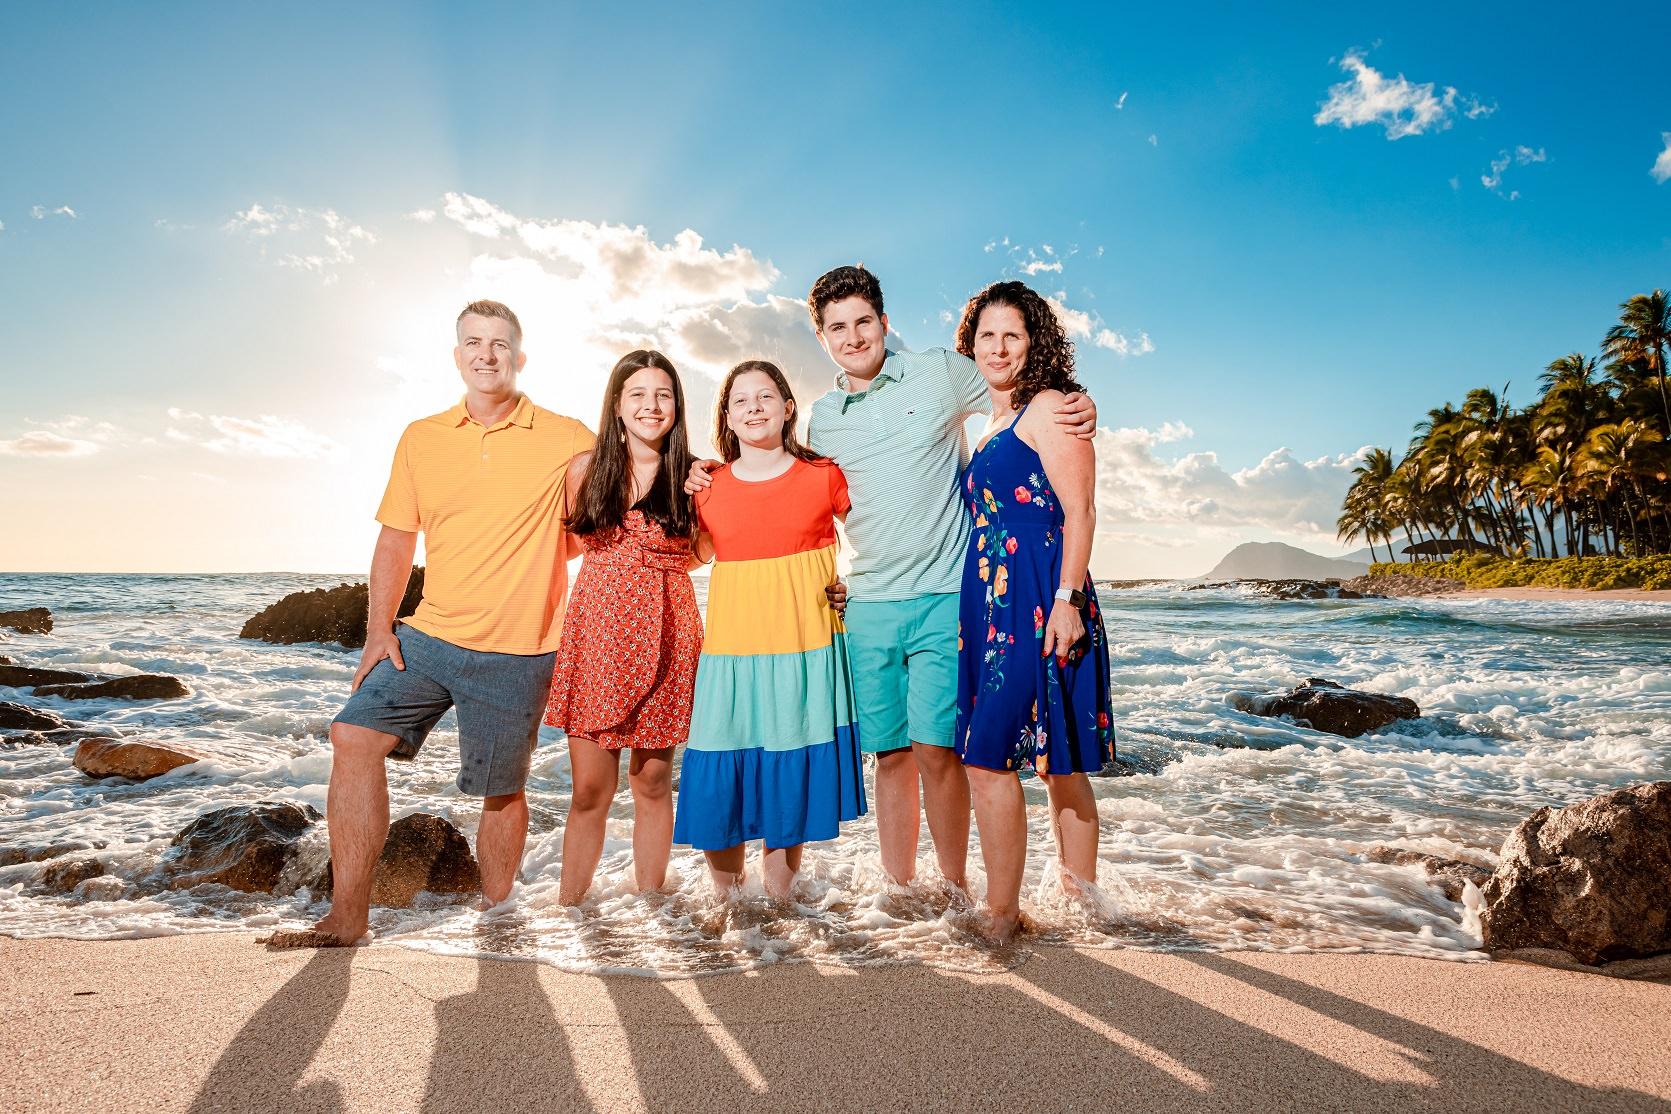 family kauai vacation photography portrait session ocean beach sunset